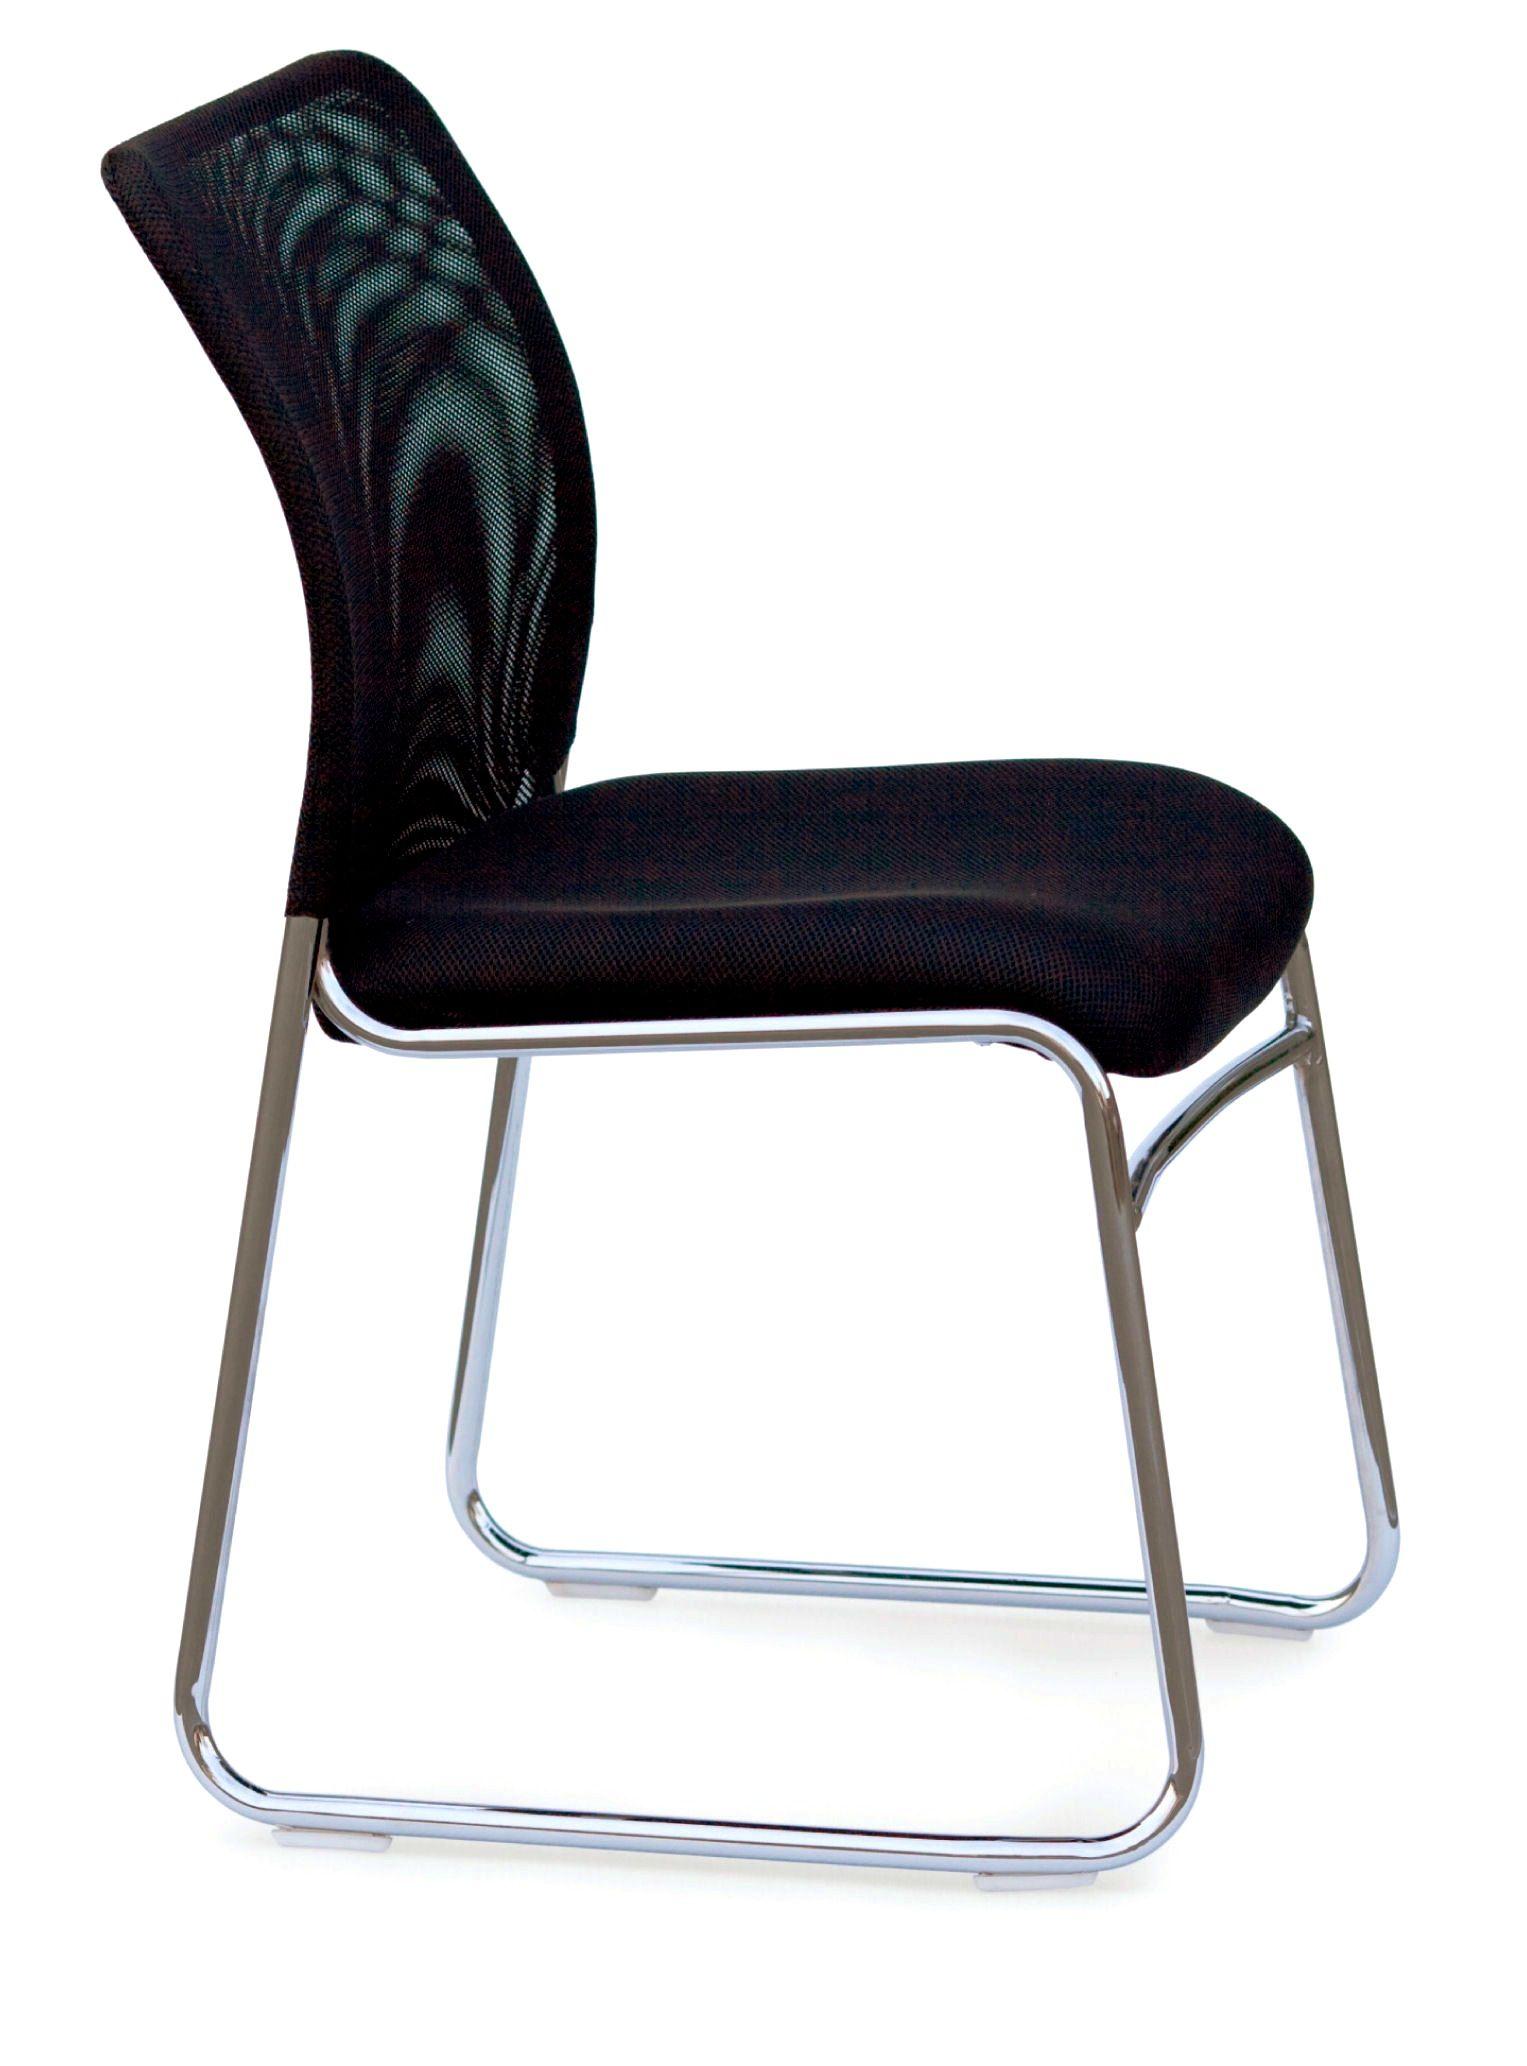 Bürostuhl ohne rollen  Bürostühle ohne Rollen | BüroMöbel | Pinterest | Bürostühle ...